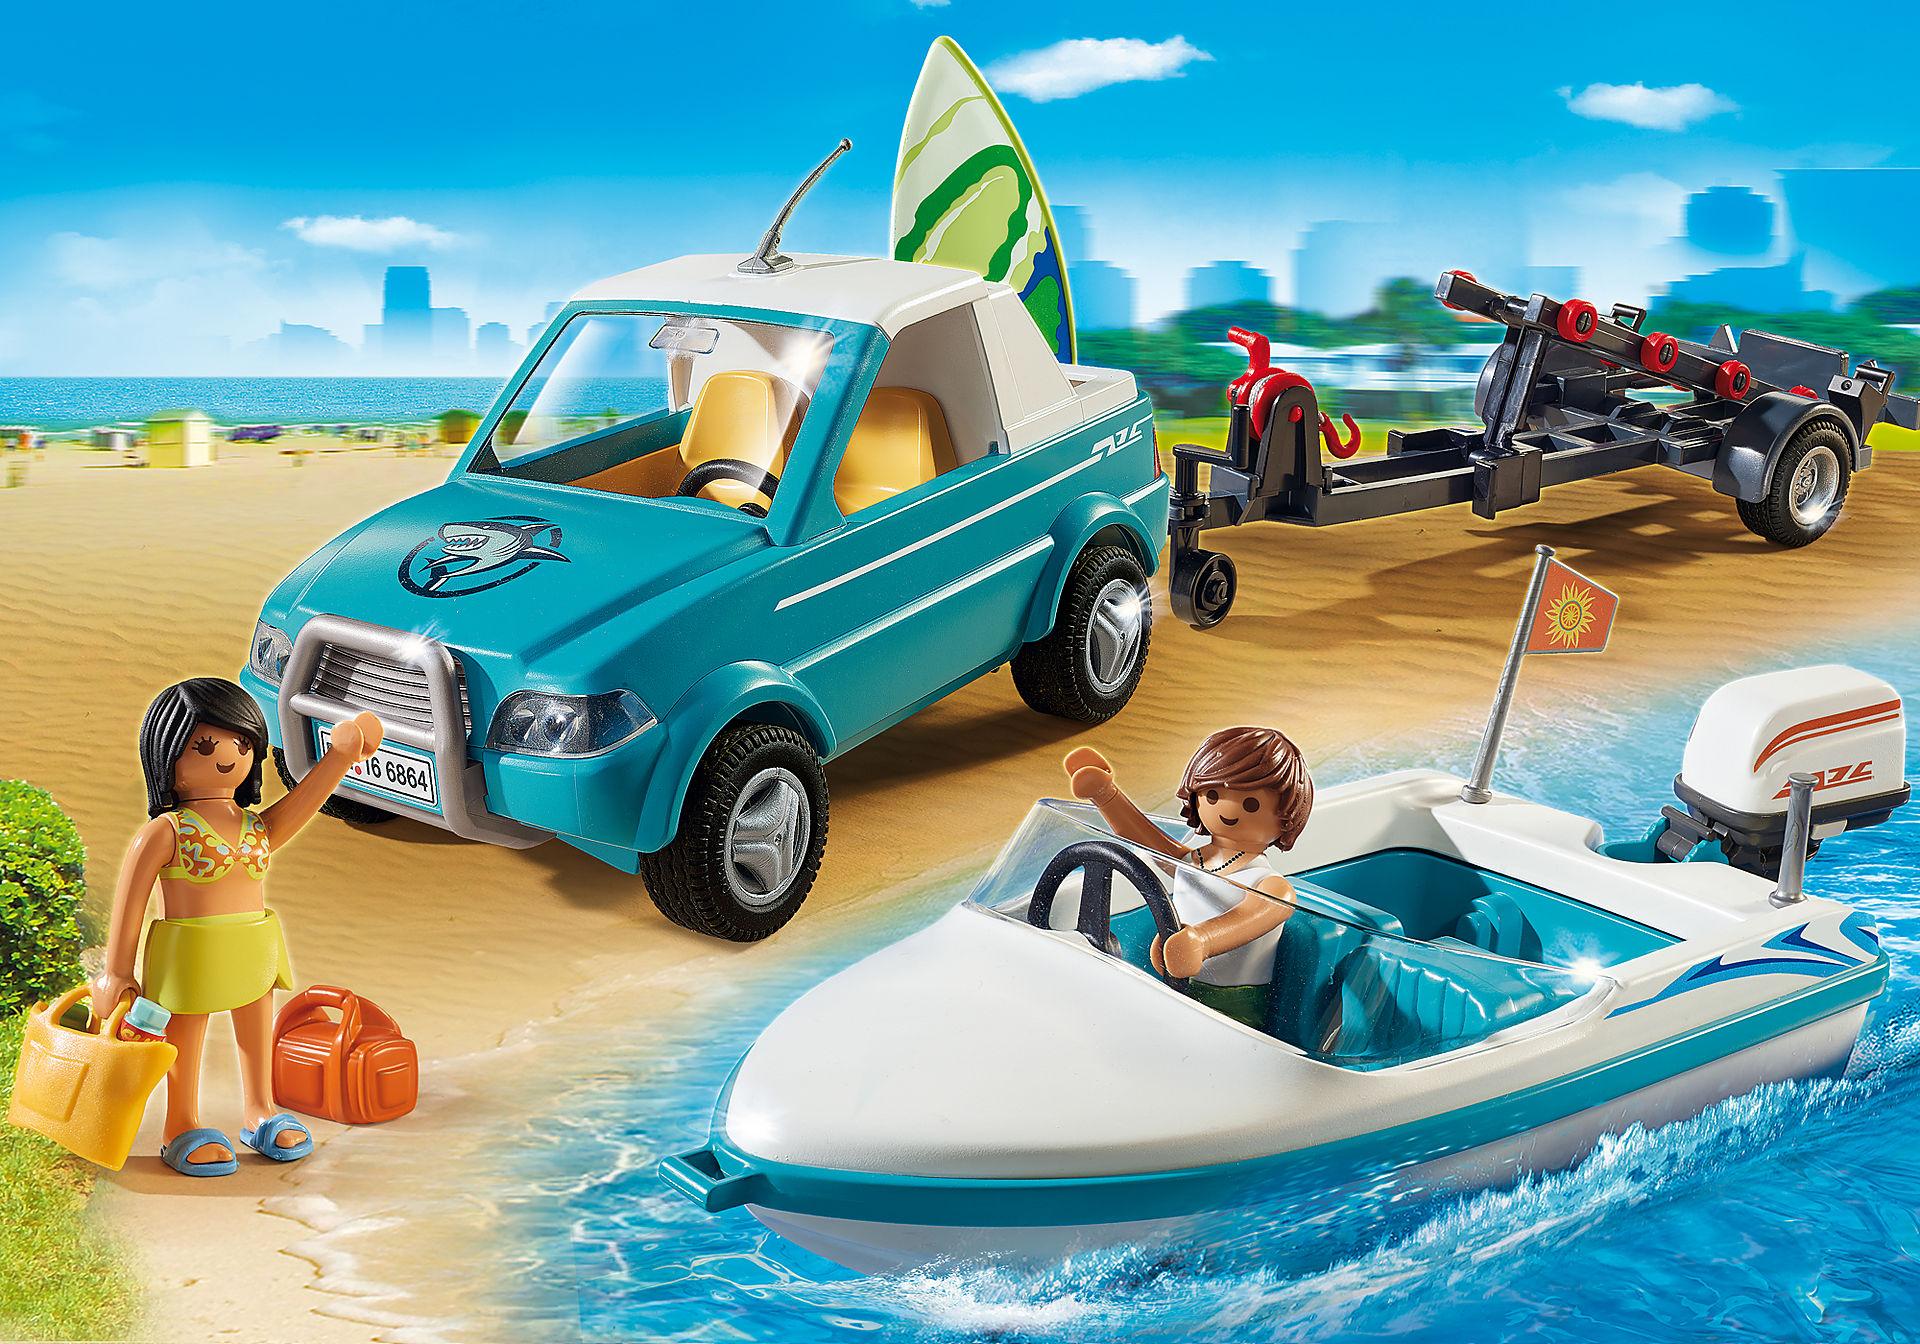 6864 Surfer-Pickup mit Speedboat  zoom image1